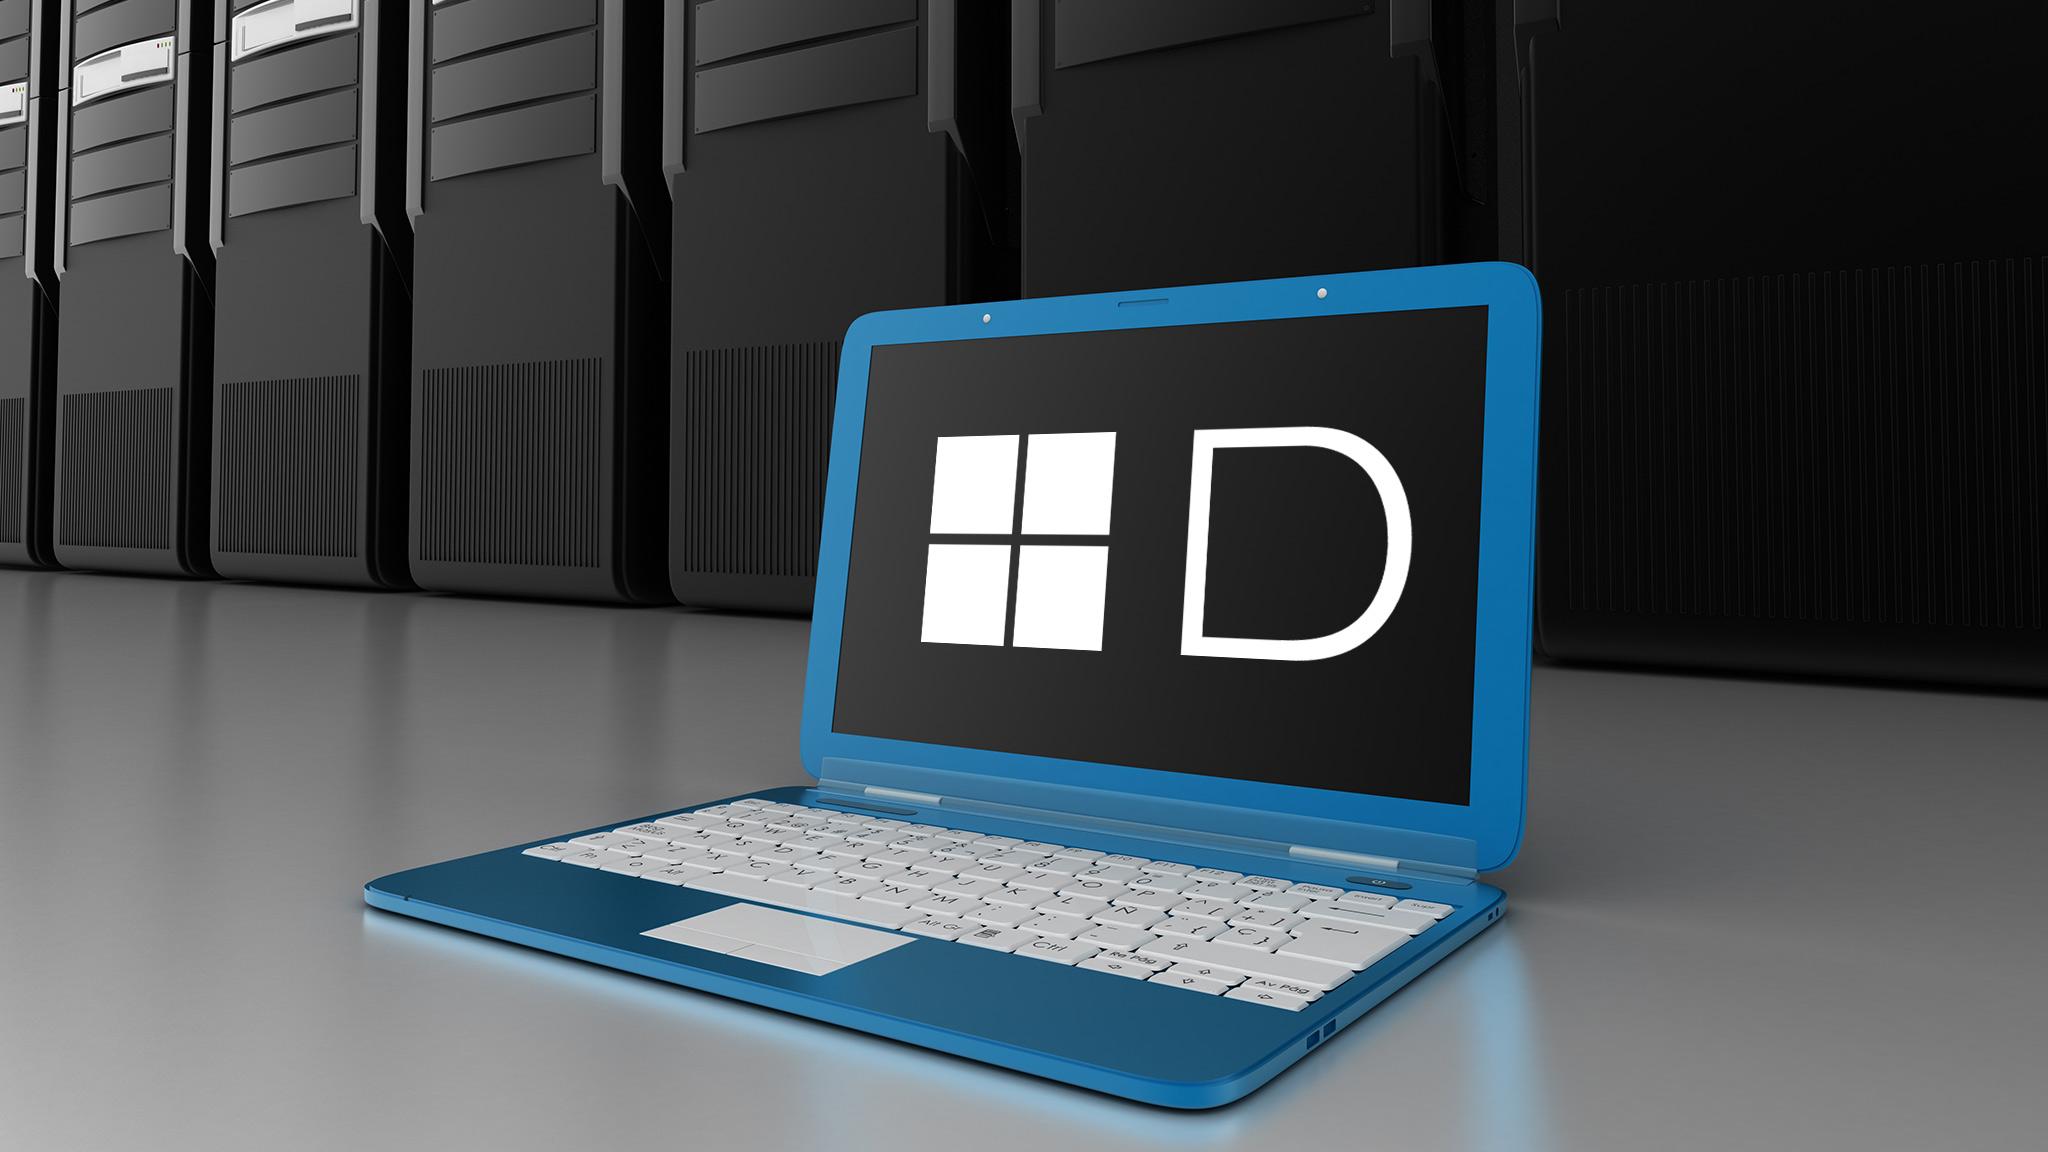 Windows 10 auf D installieren: So funktioniert es – und das bringt es